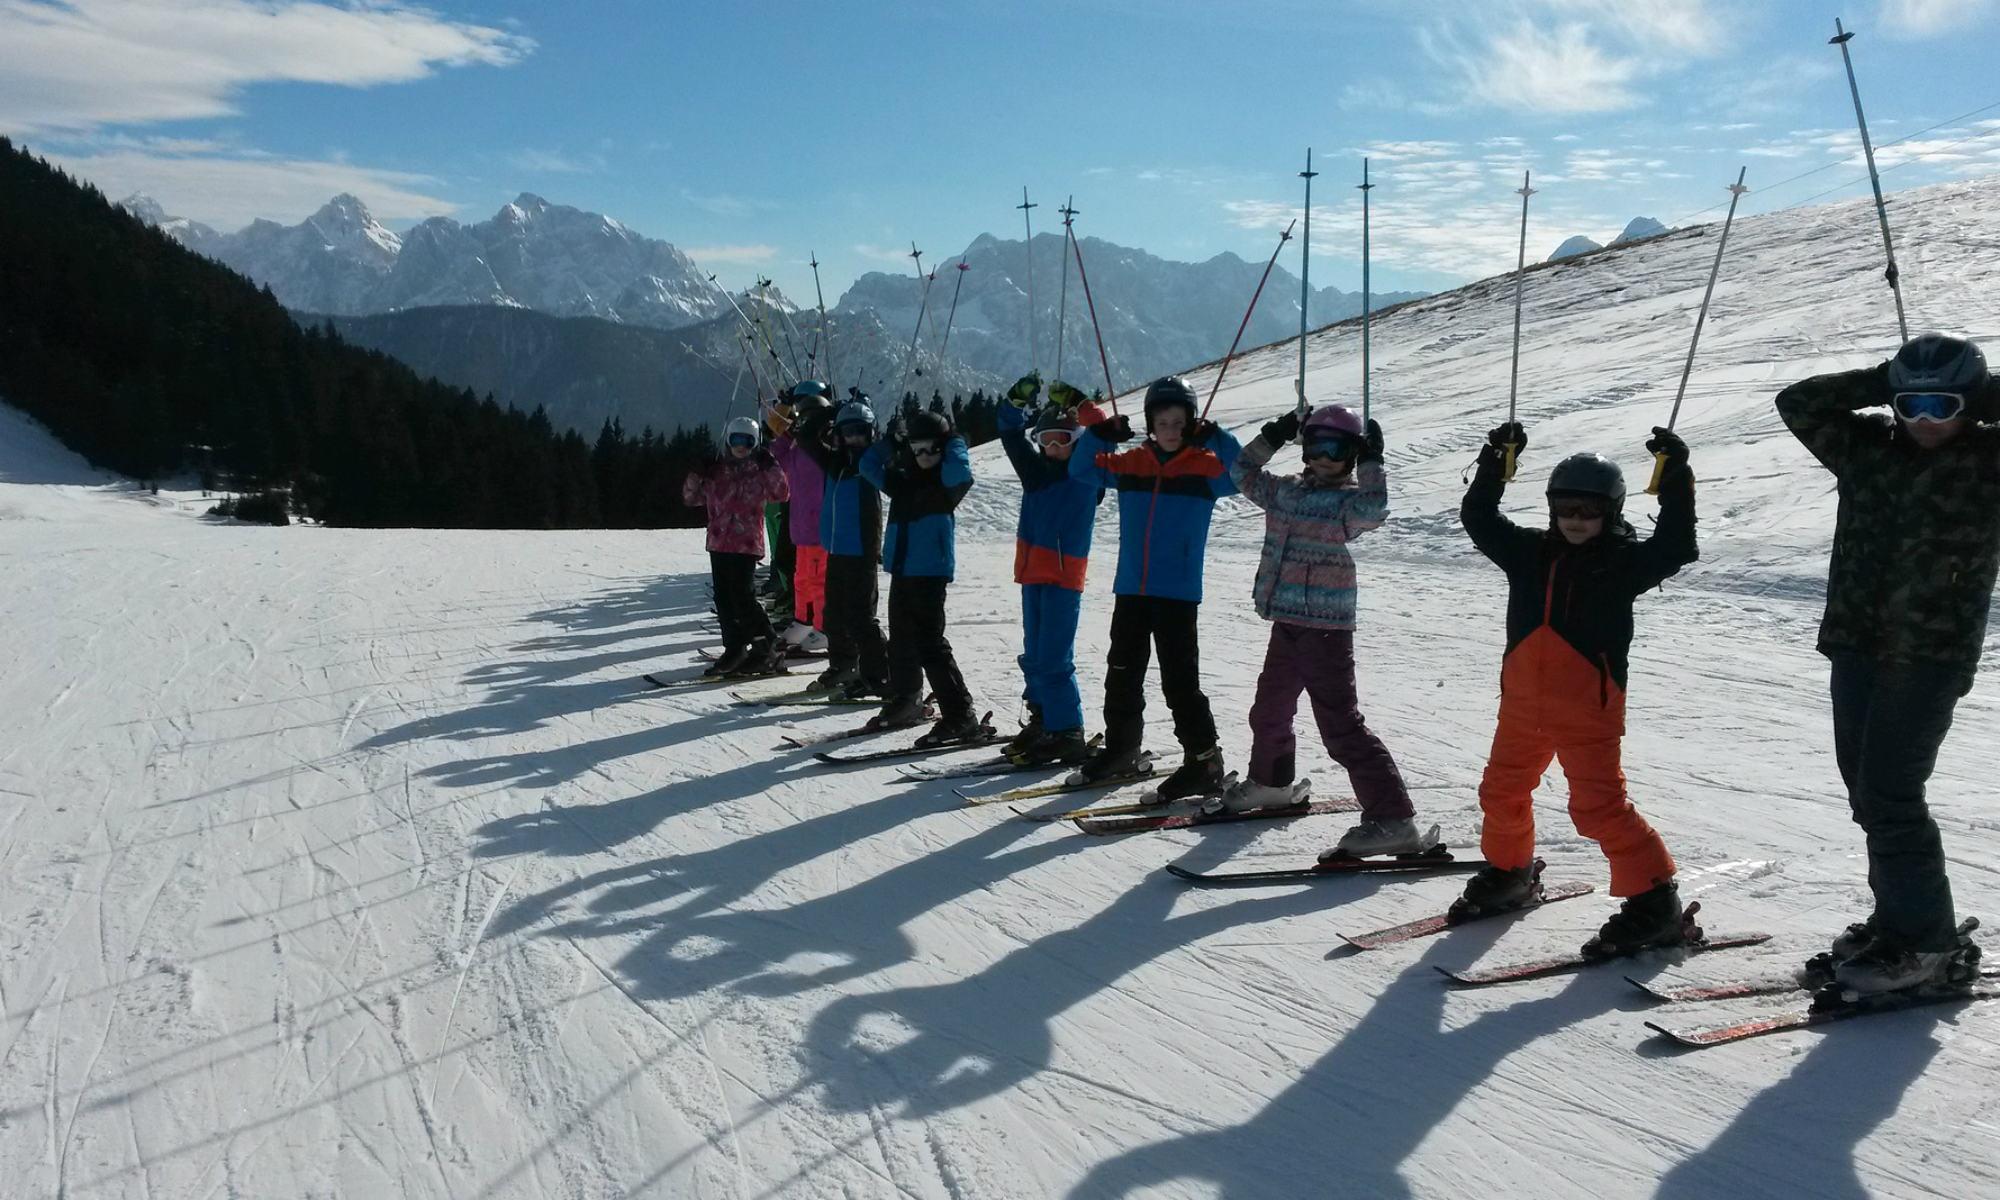 Un groupe d'enfants sur une piste de ski.